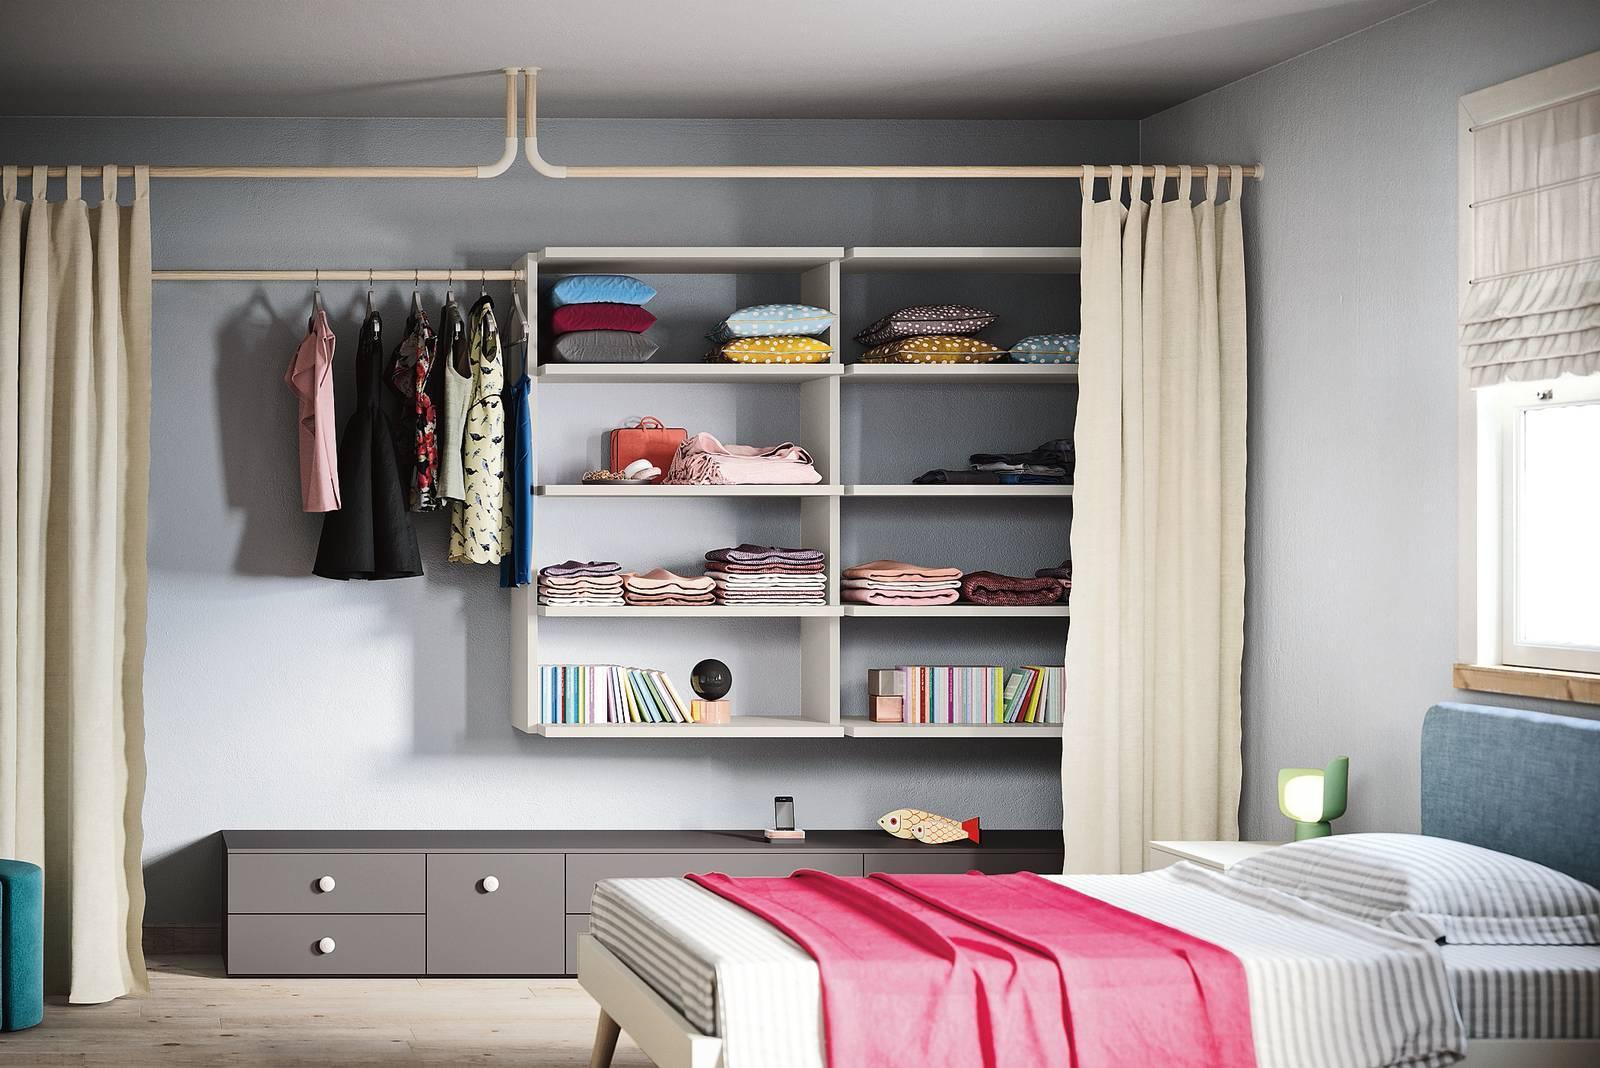 Armadio A Muro Design armadi con ante a libro tira-piega-apri - cose di casa